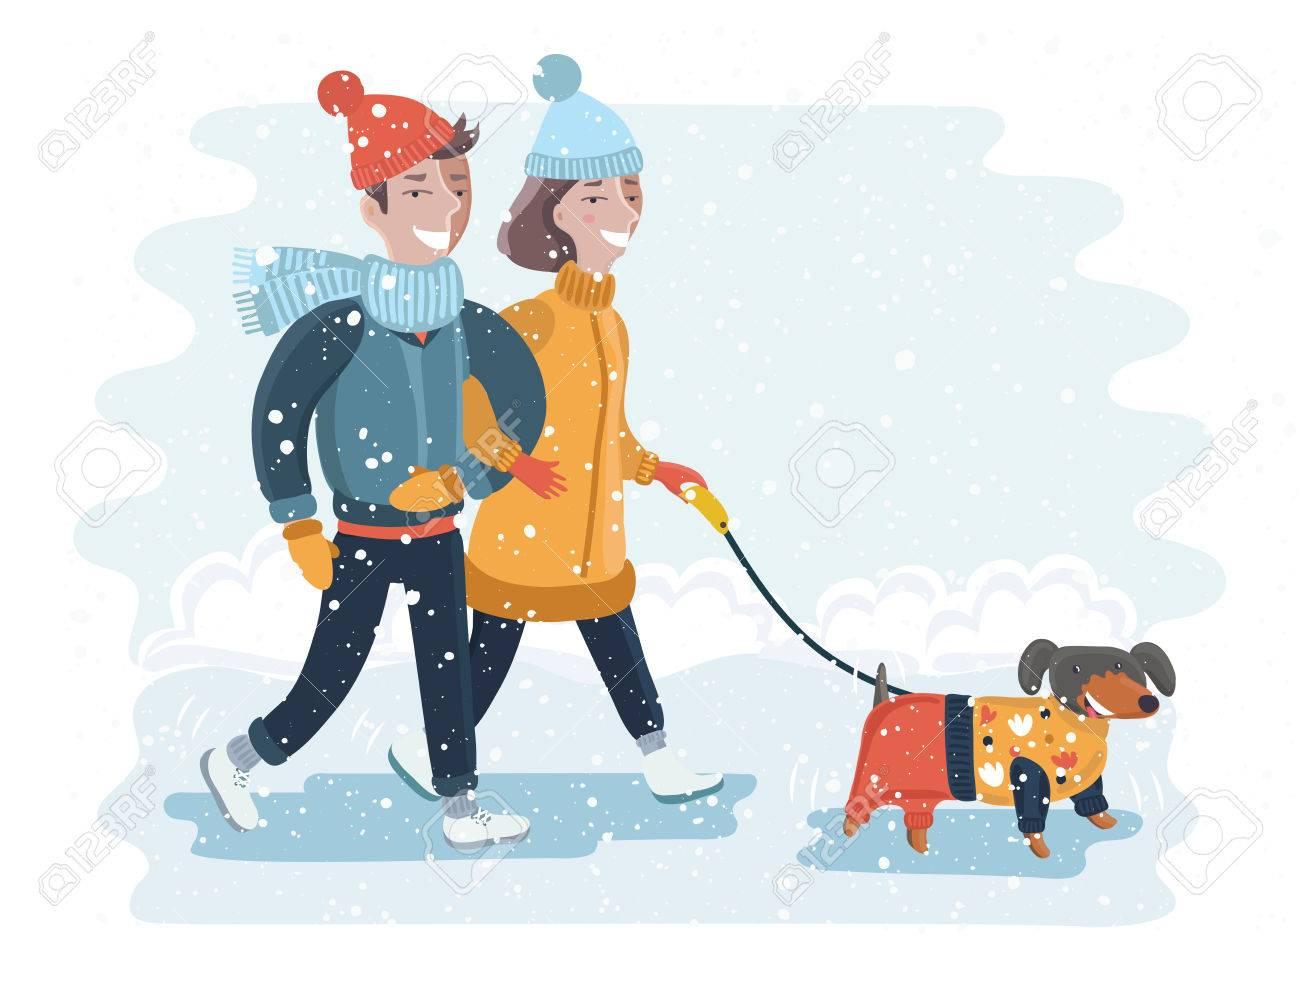 犬と冬雪の公園を歩いて幸せなカップルのベクトル イラスト ロイヤリティ